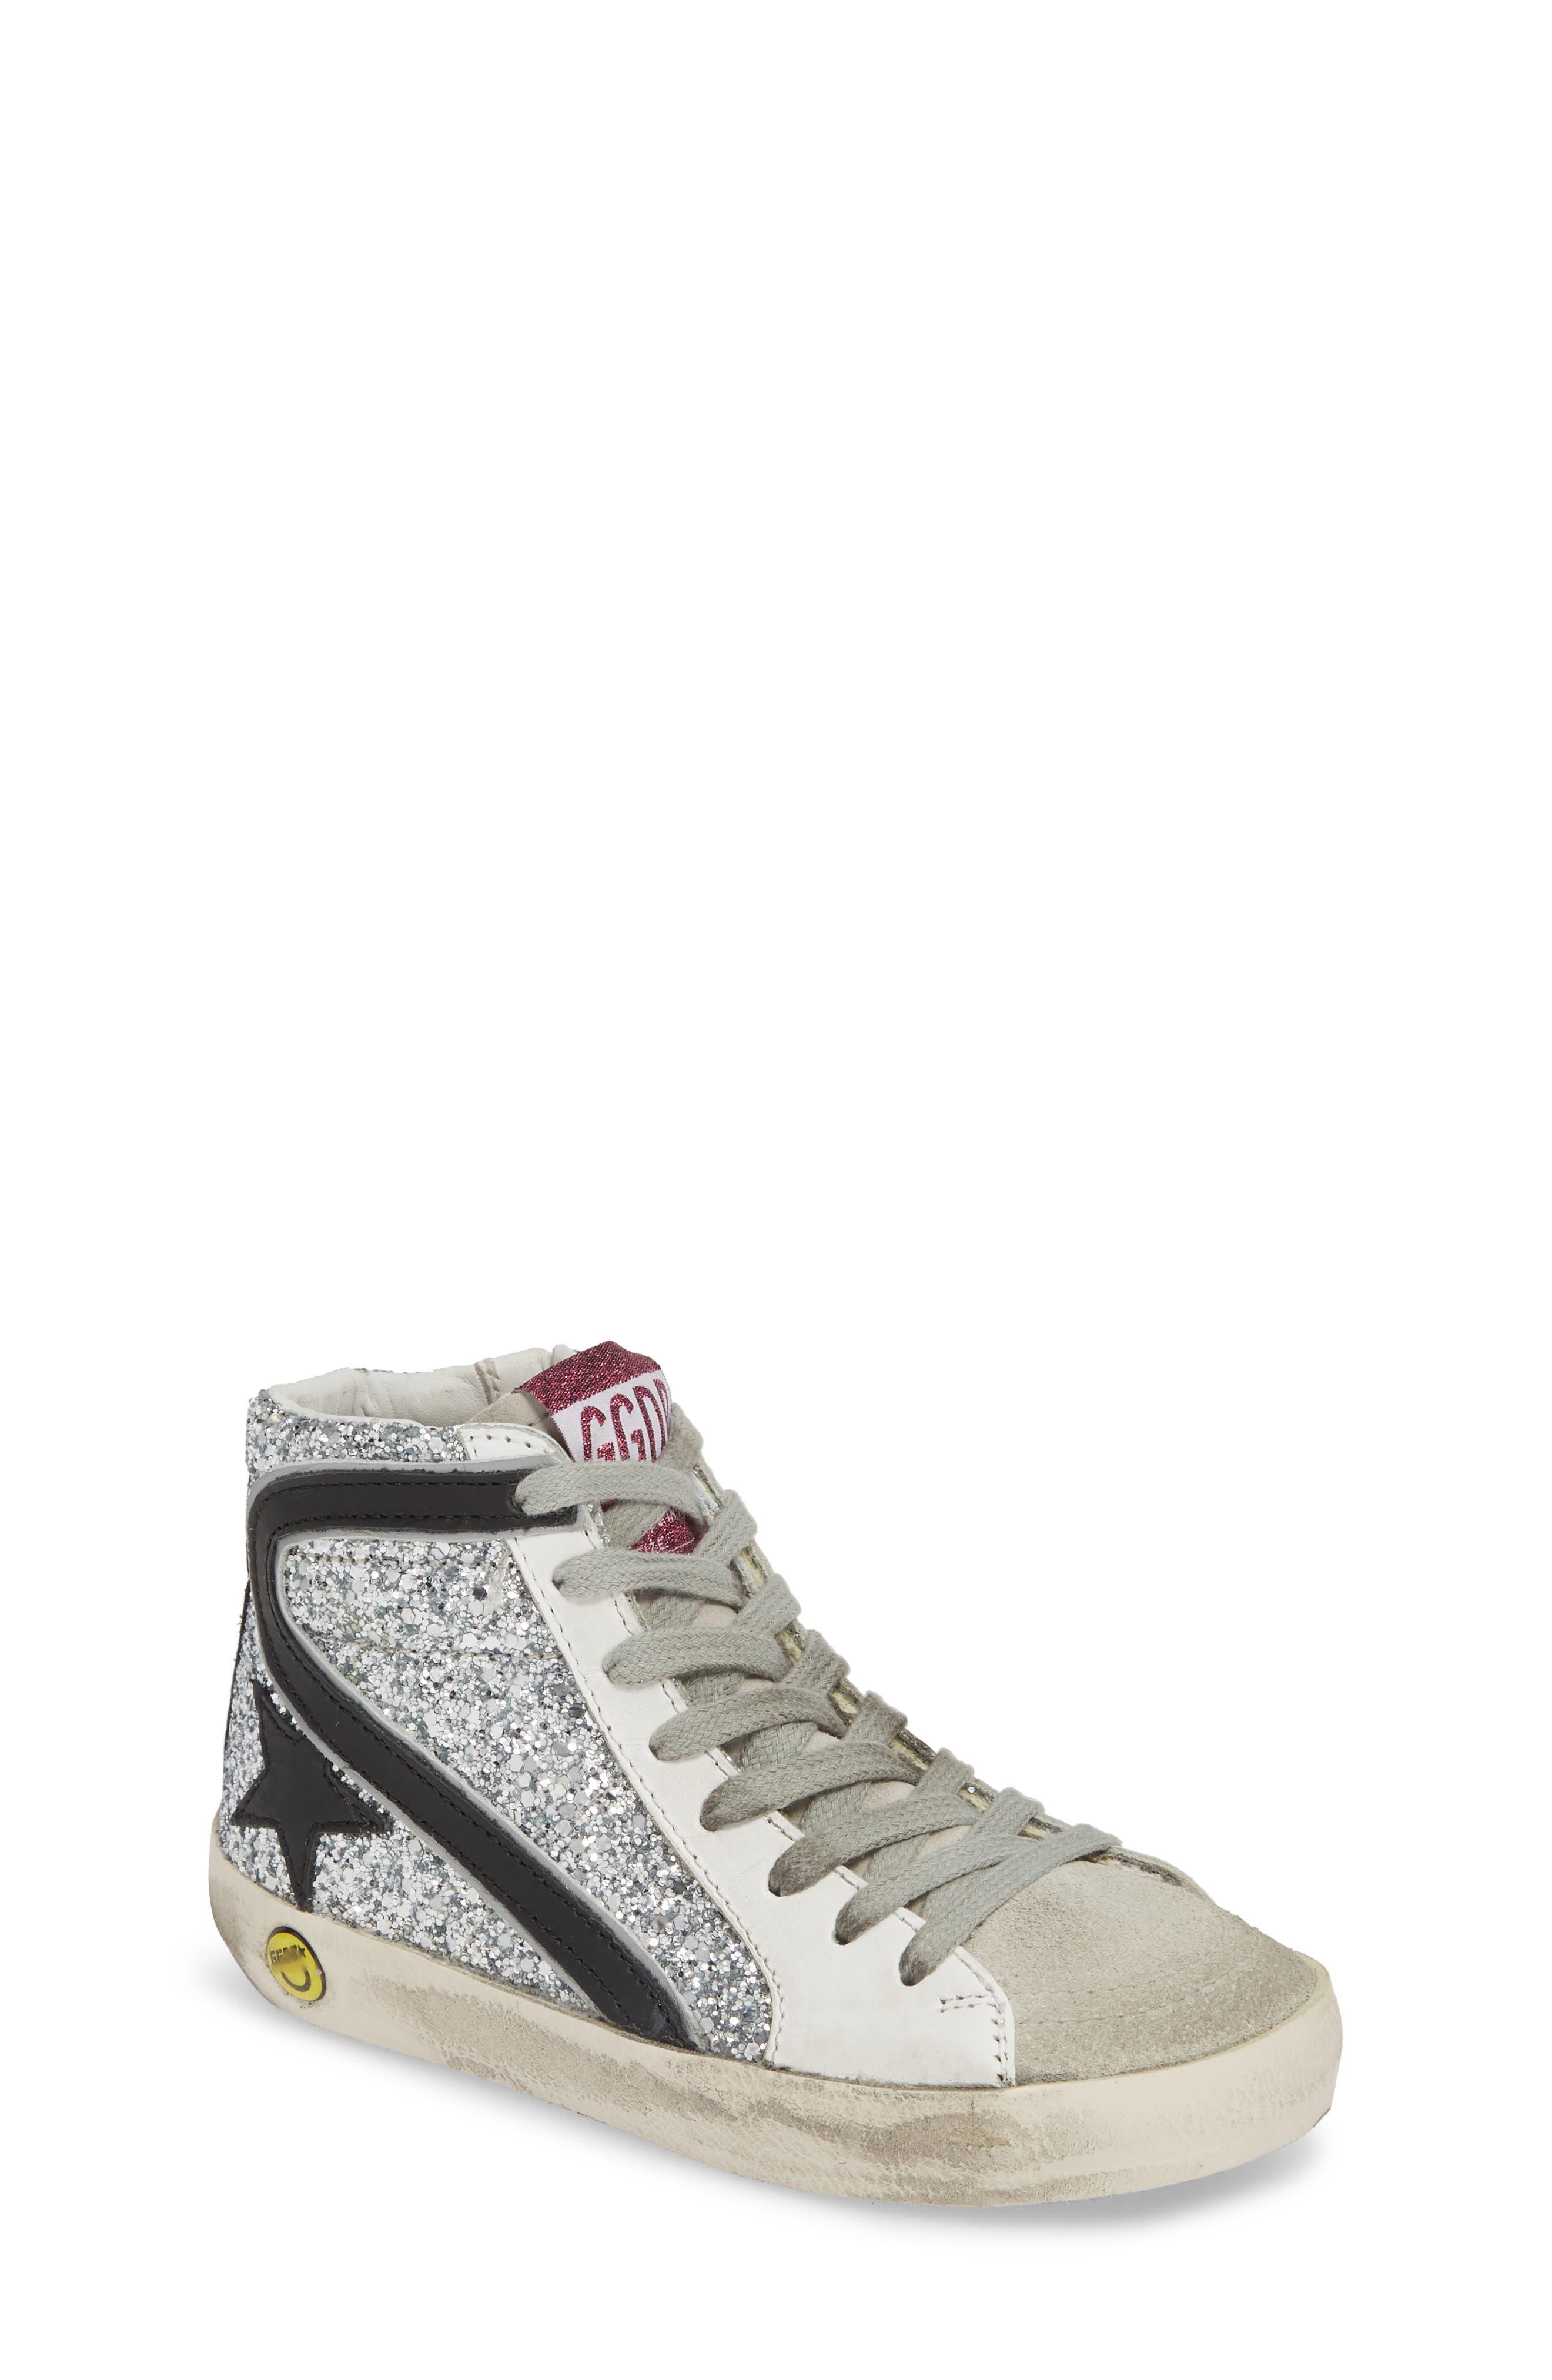 GOLDEN GOOSE Slide Glitter High Top Sneaker, Main, color, SILVER GLITTER/ BLACK SLIDE